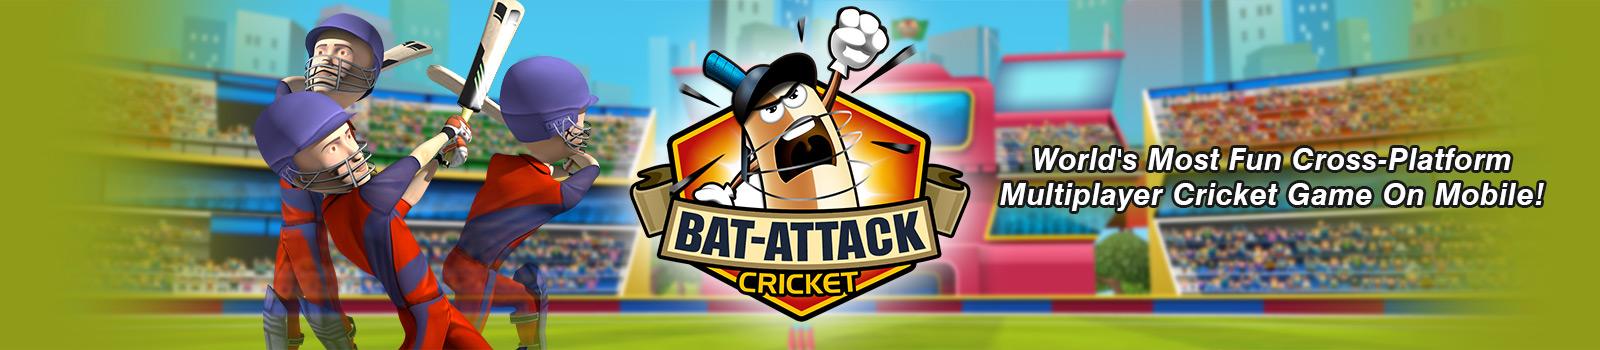 bat-attack